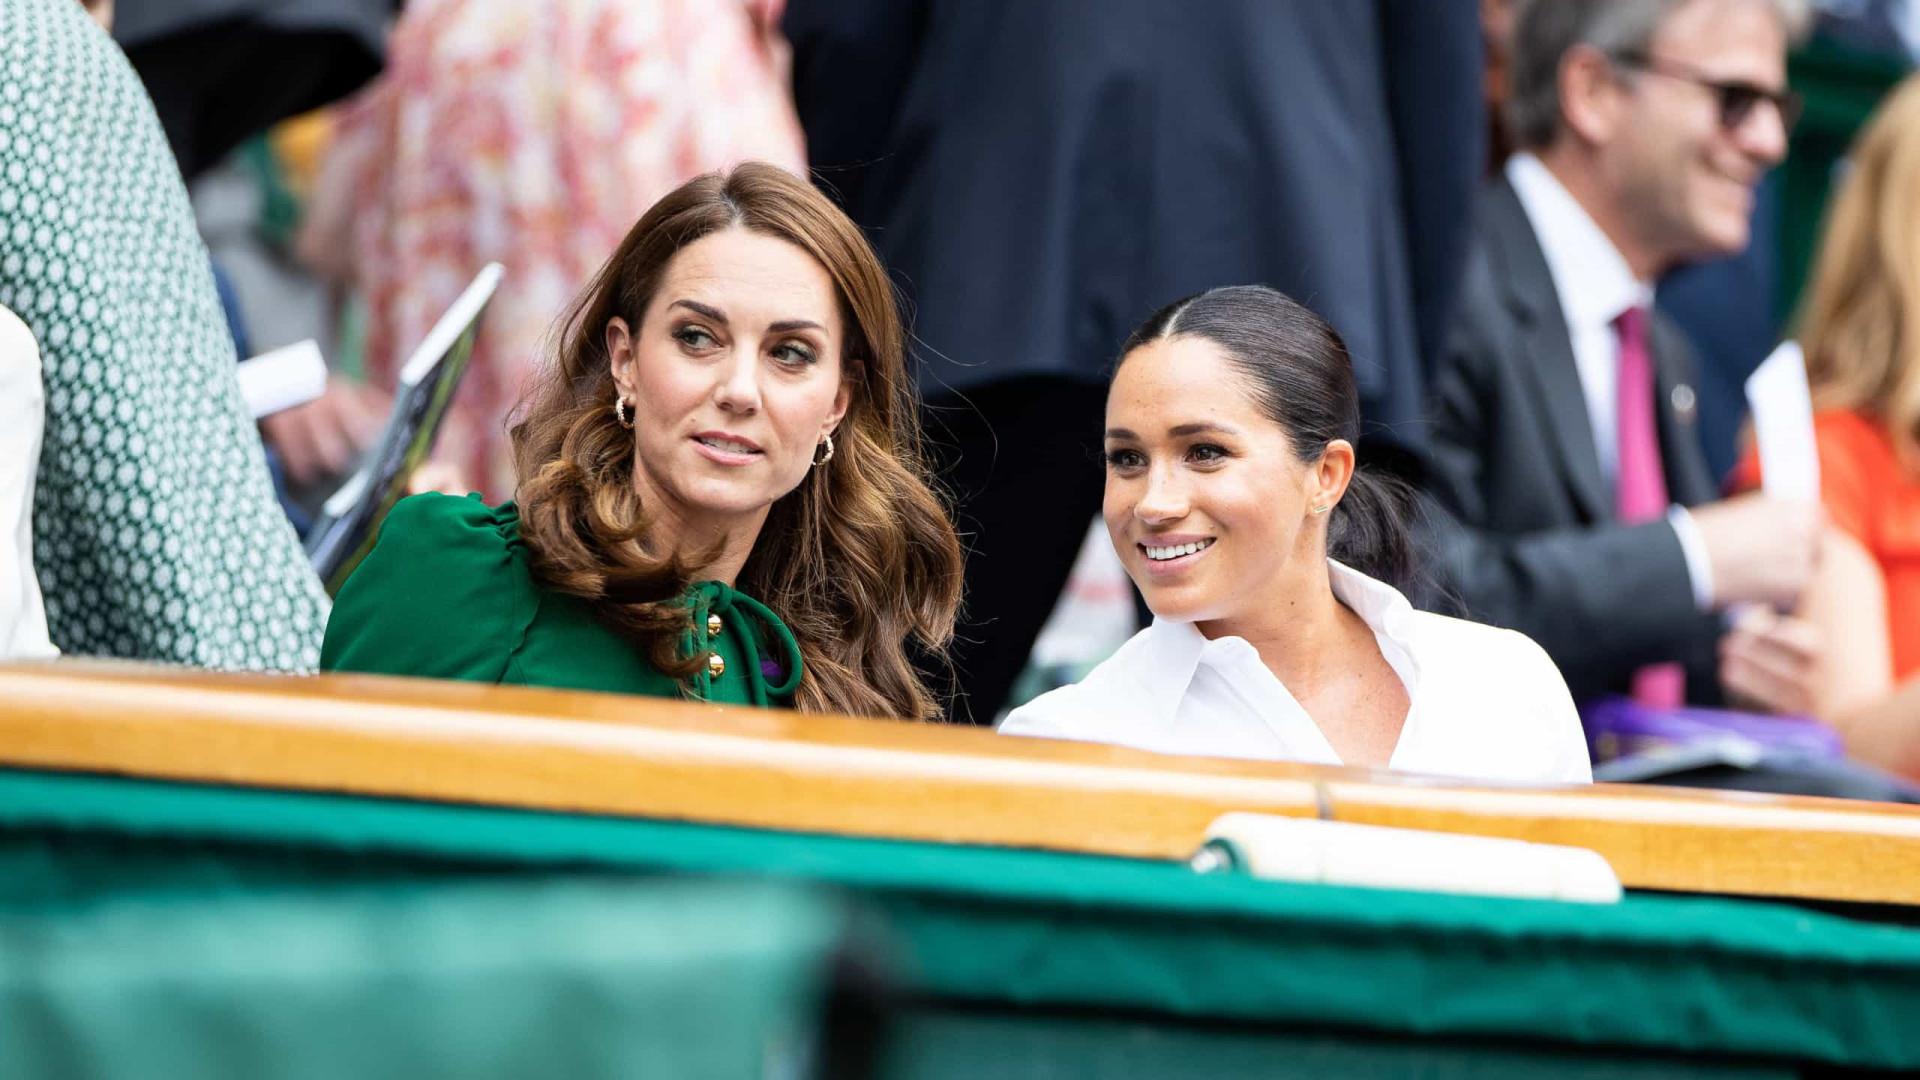 Biografia afirma que Meghan e Kate Middleton 'não estavam em guerra'